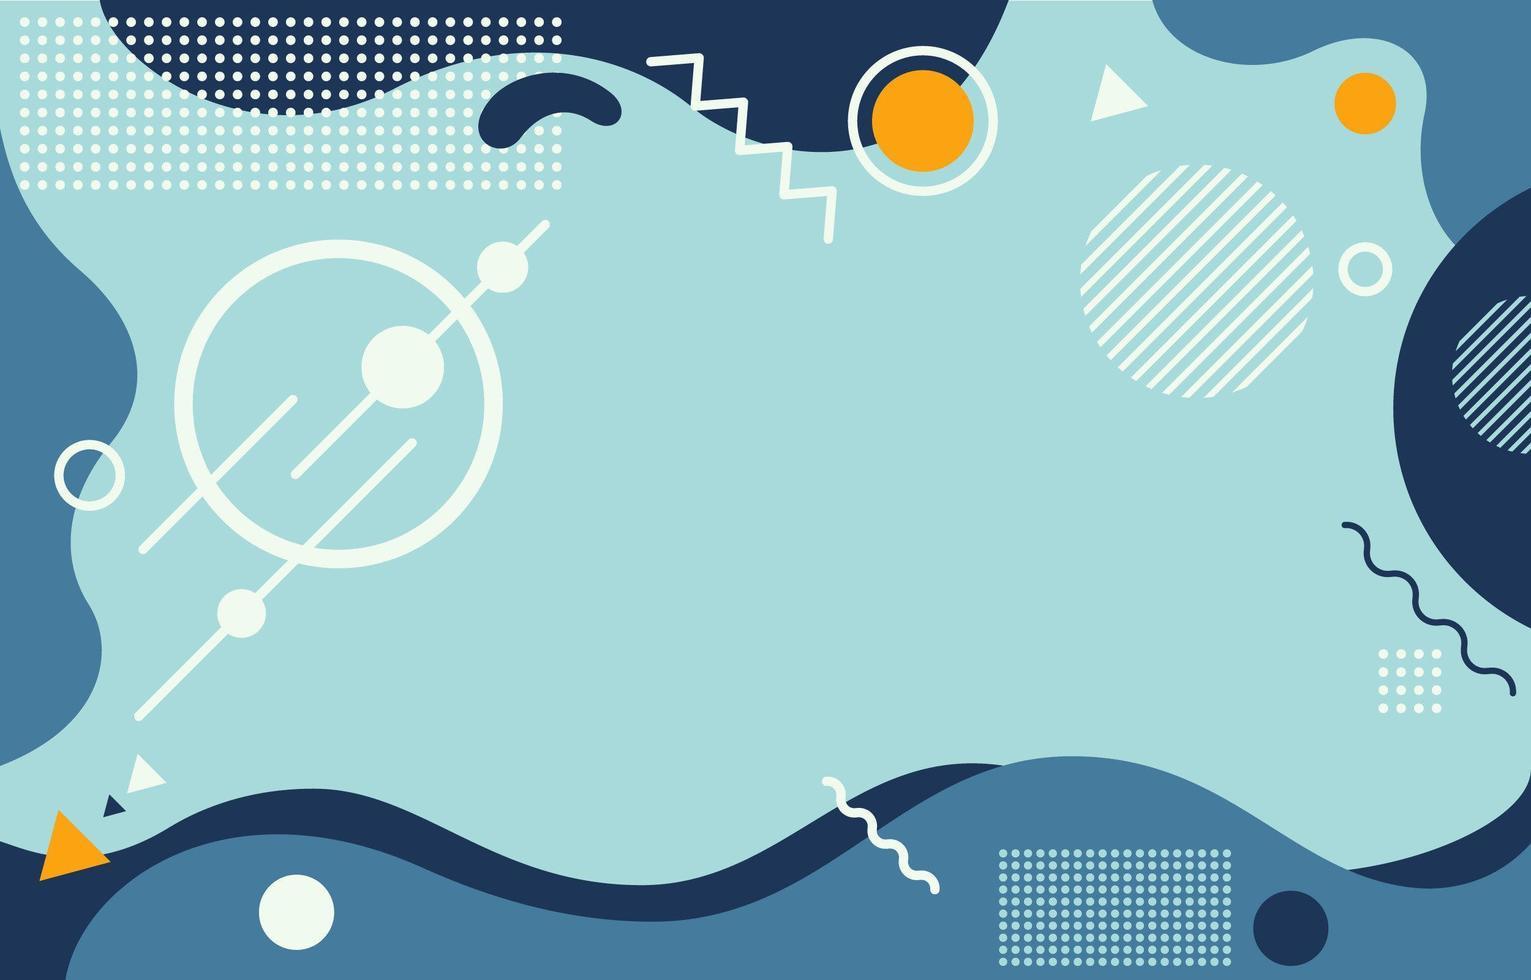 abstracte achtergrond met blauwe golf en oranje accent vector